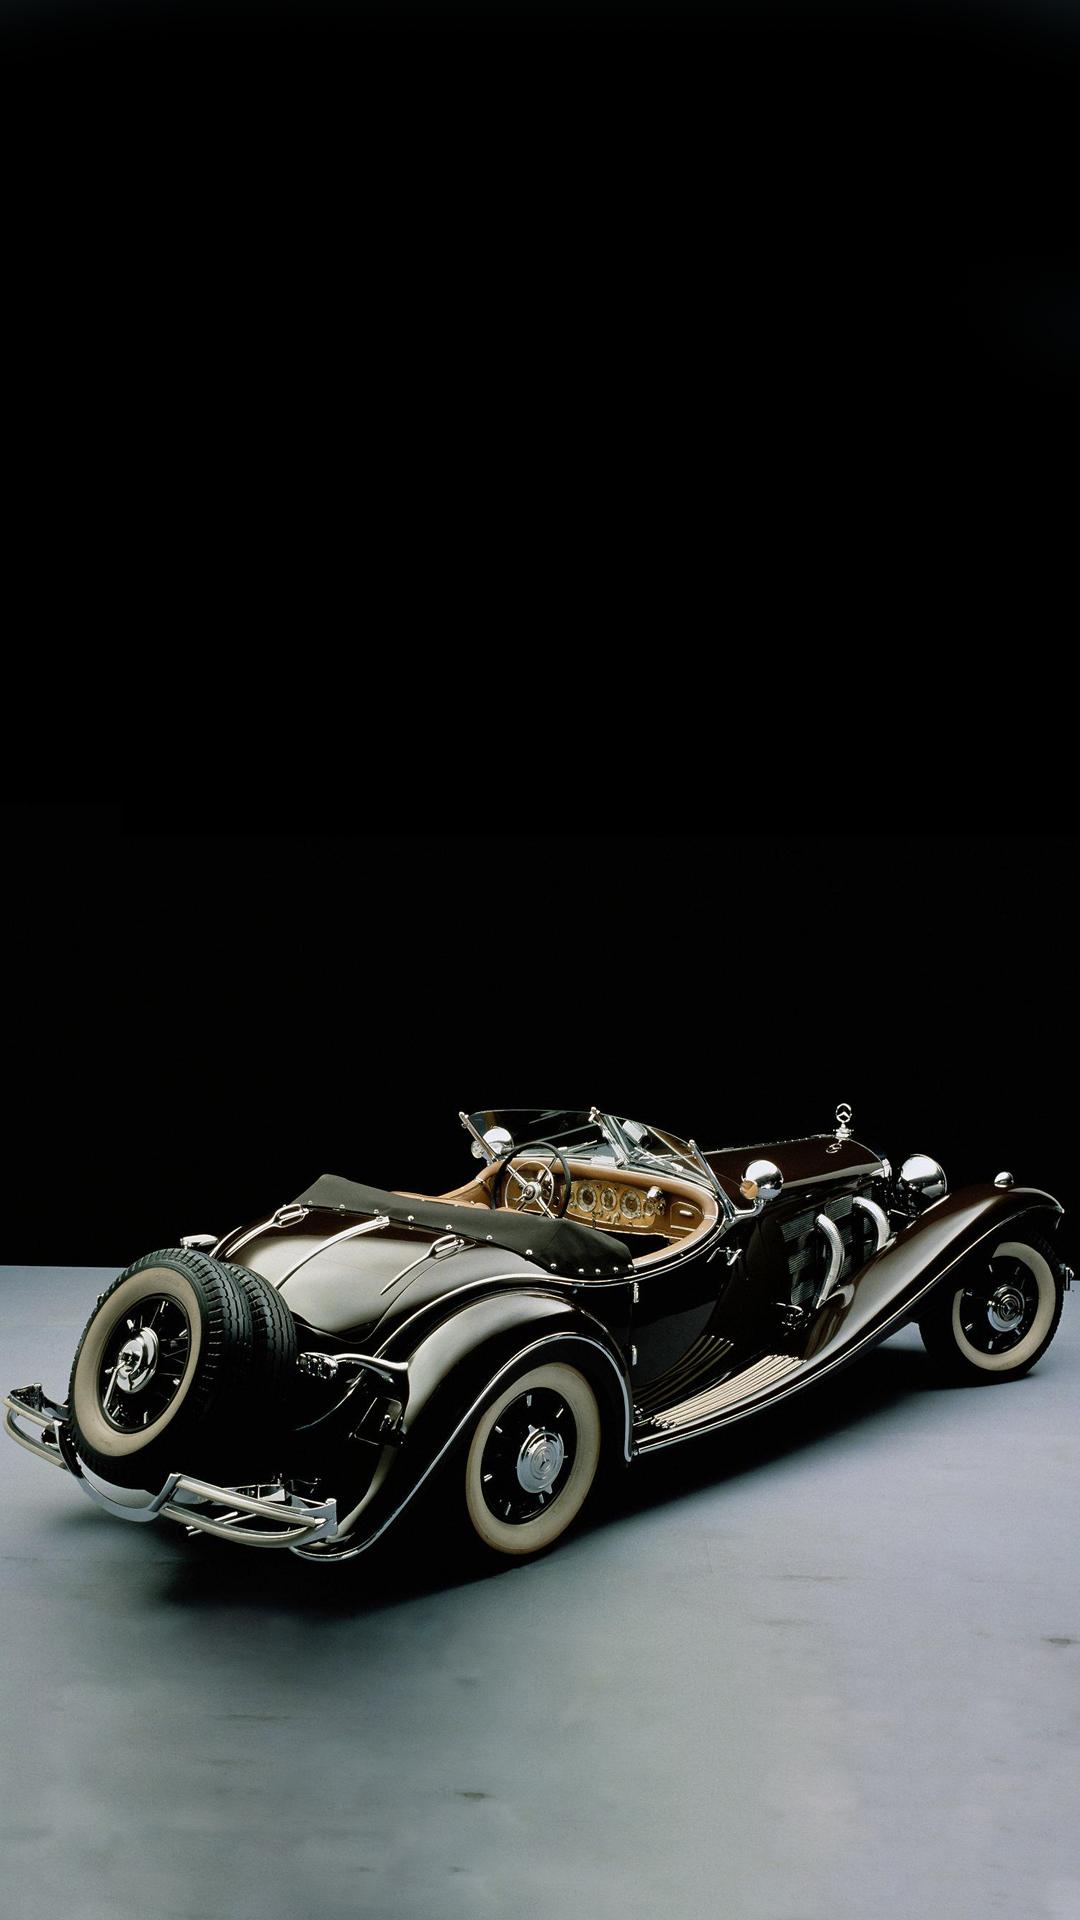 Classic Mercedes Benz Wallpaper - Fondos Iphone 6 Mercedes ...